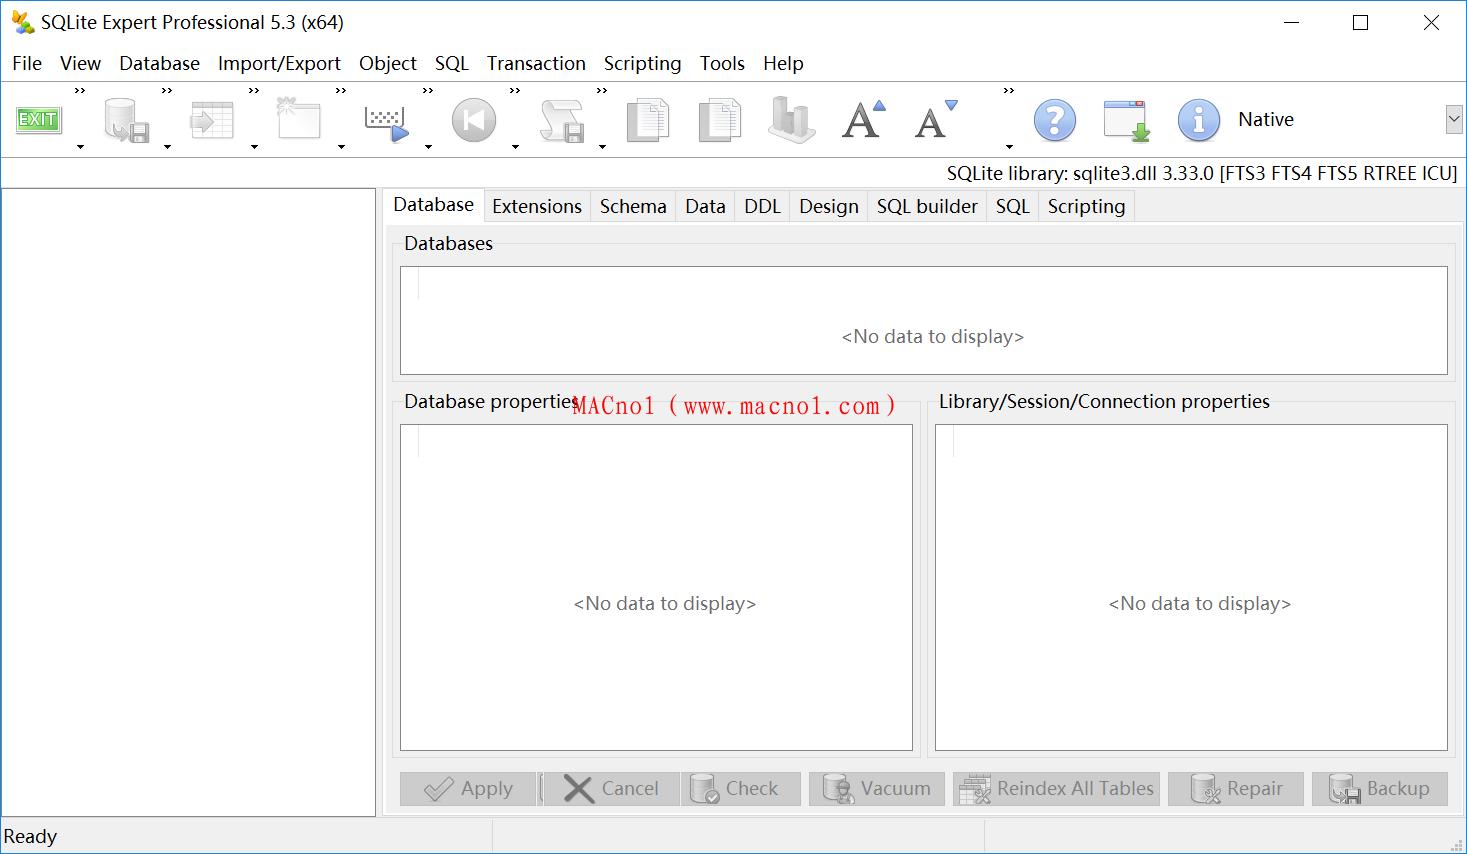 数据库管理软件 SQLite Expert Pro v5.4.2 破解版(附注册文件)